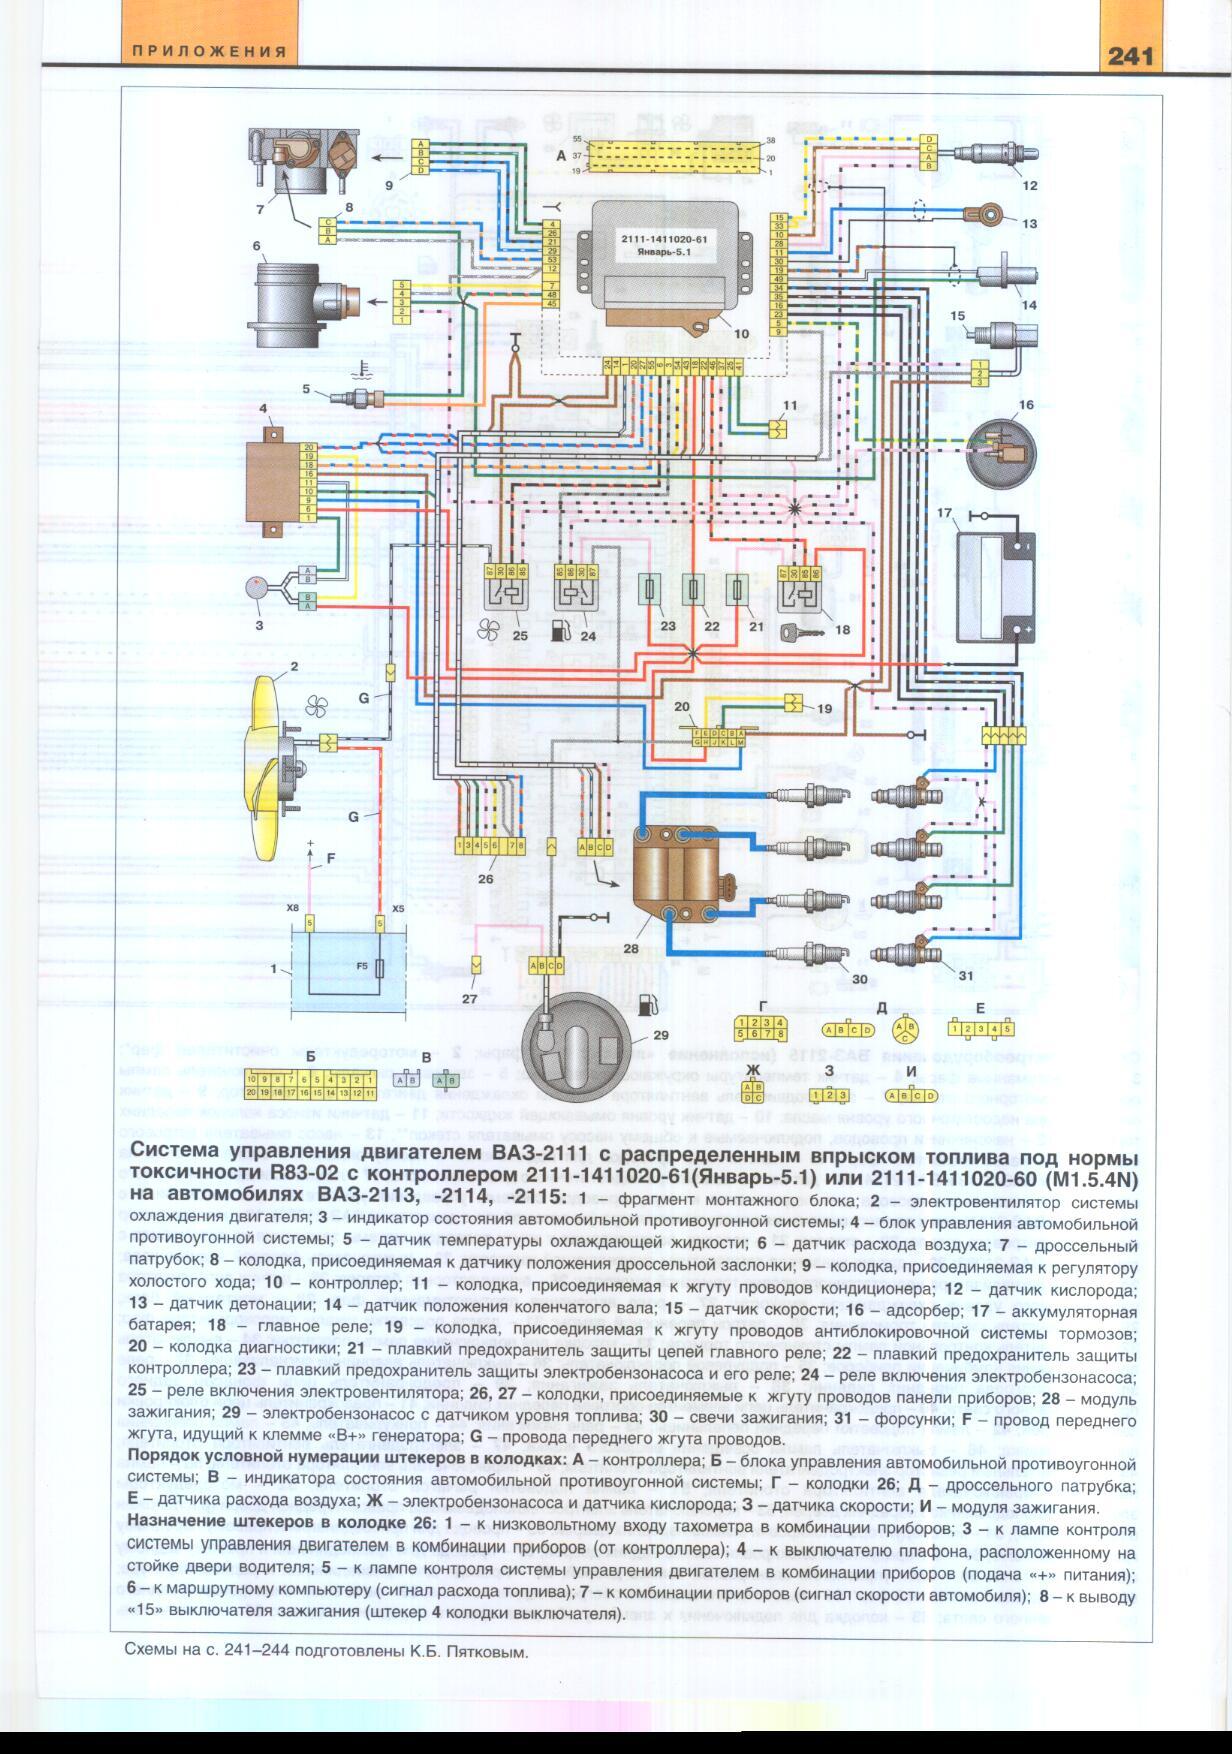 Схема датчиков двигателя ваз 2115